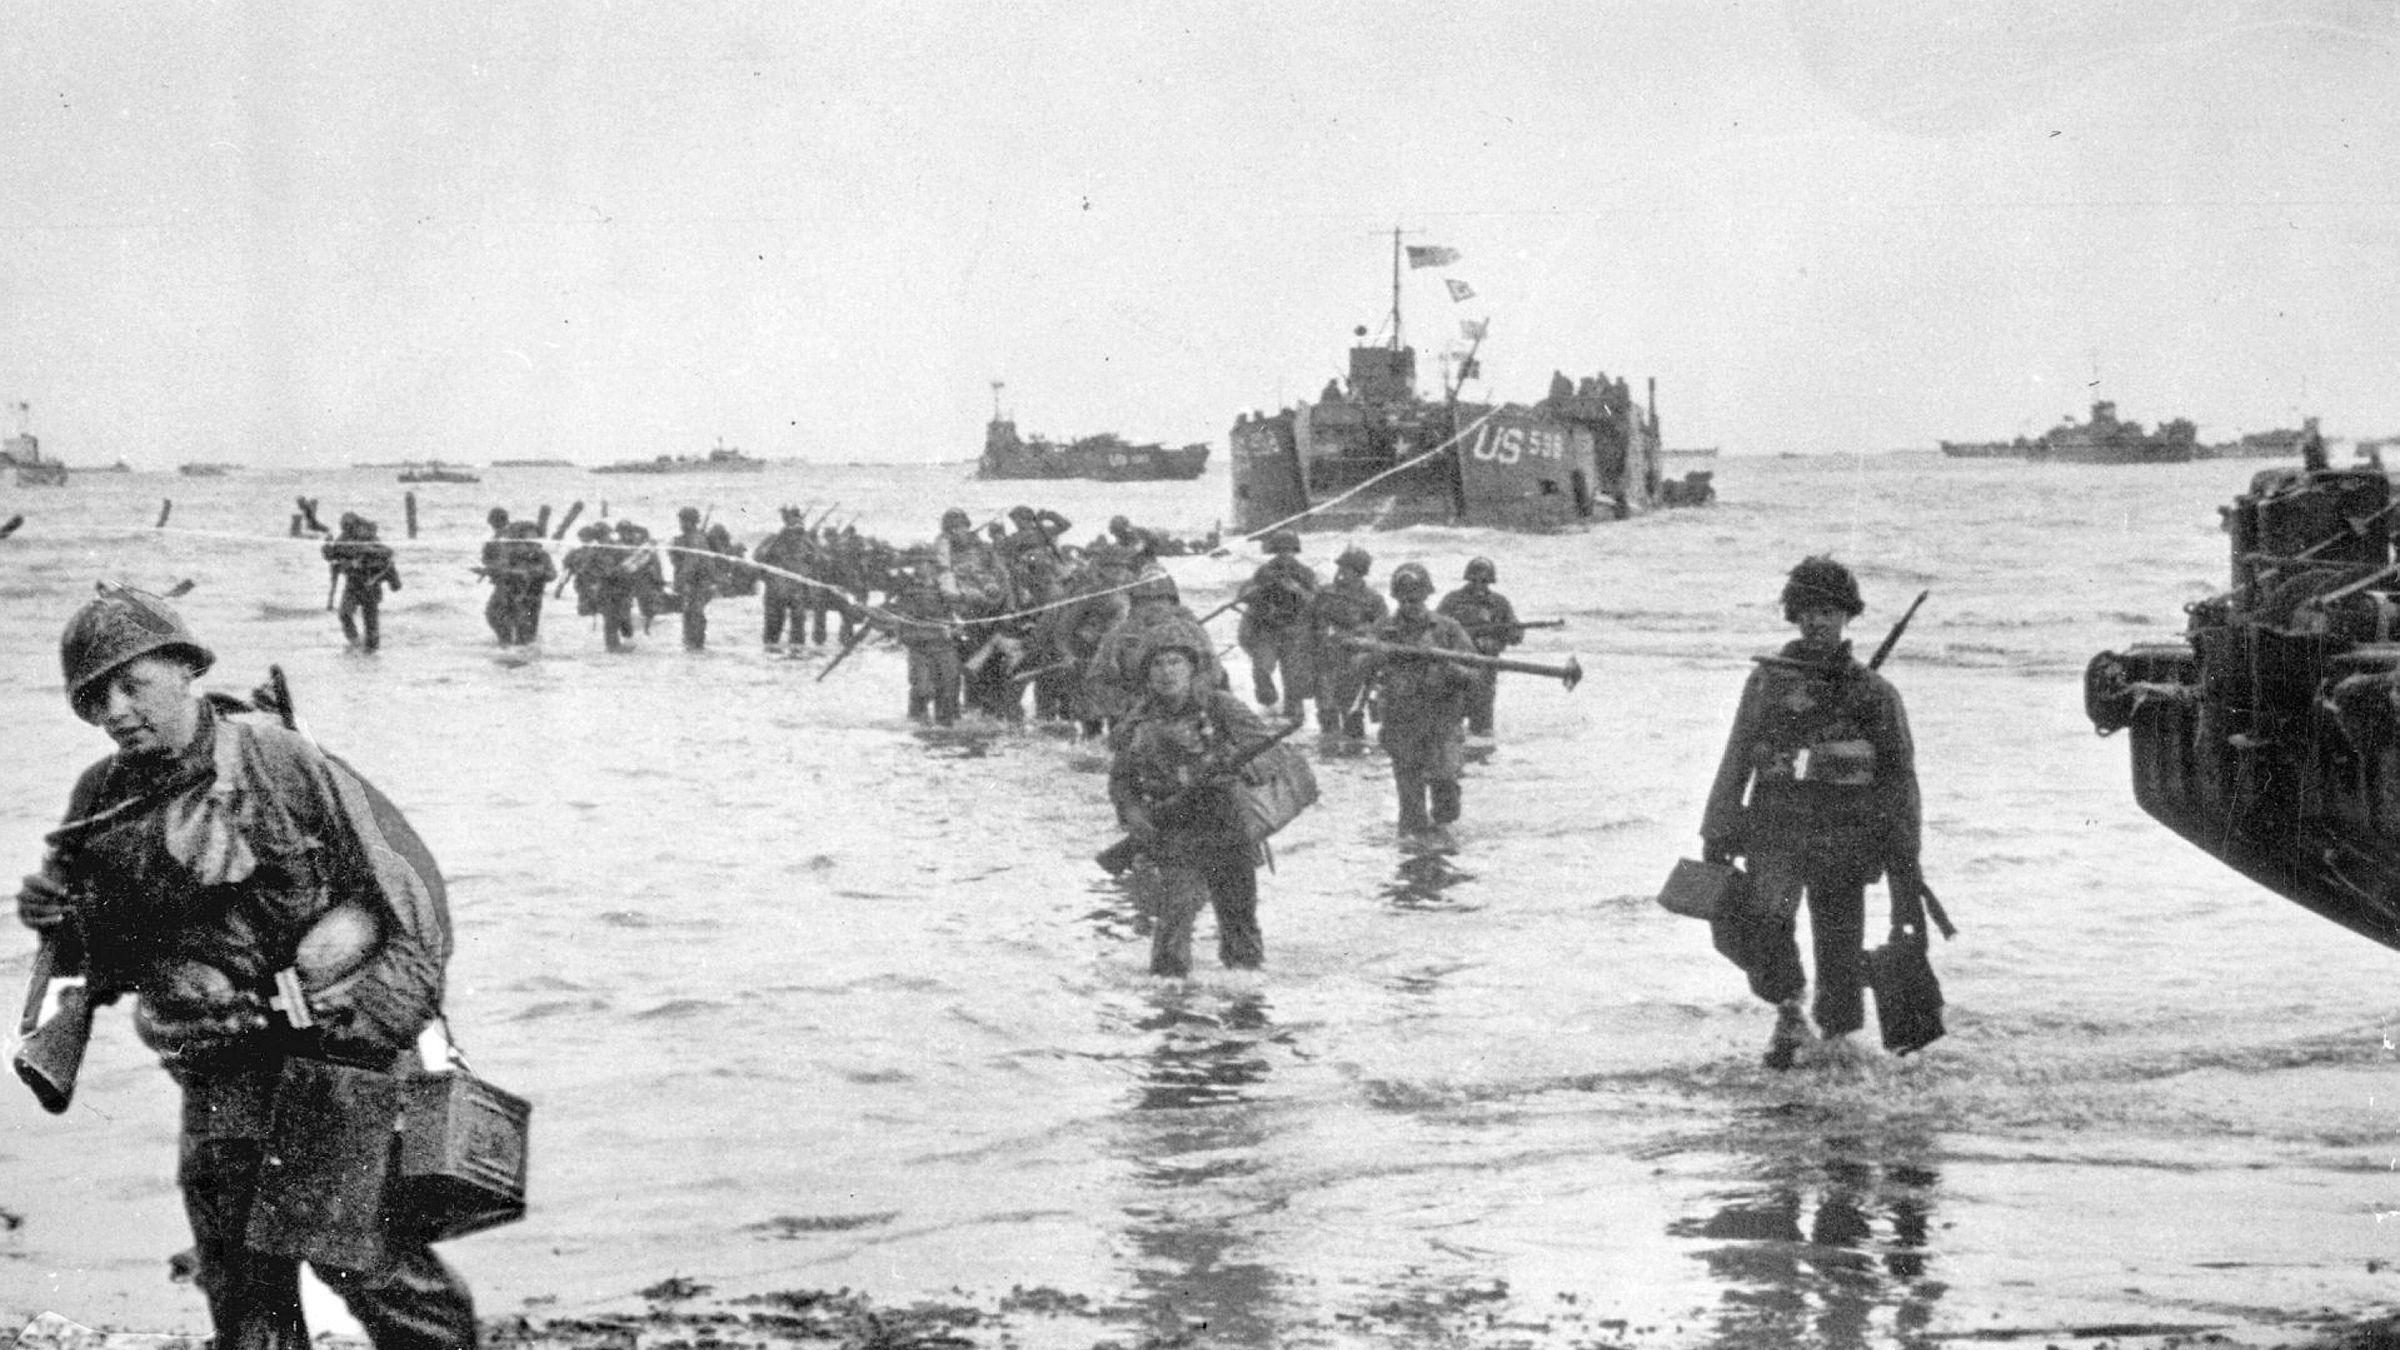 Amerikanske styrker går i land i Normandie i juni i 1944. I forkant «skapte» man en fantomhær, et annet sted, som lurte Hitler og de tyske styrkene til å tro at landgangen var todelt. Informasjonen om den falske hæren fikk tyskerne blant annet fra franske agenter – som under tortur avslørte detaljer om en strategi de selv trodde var reell.